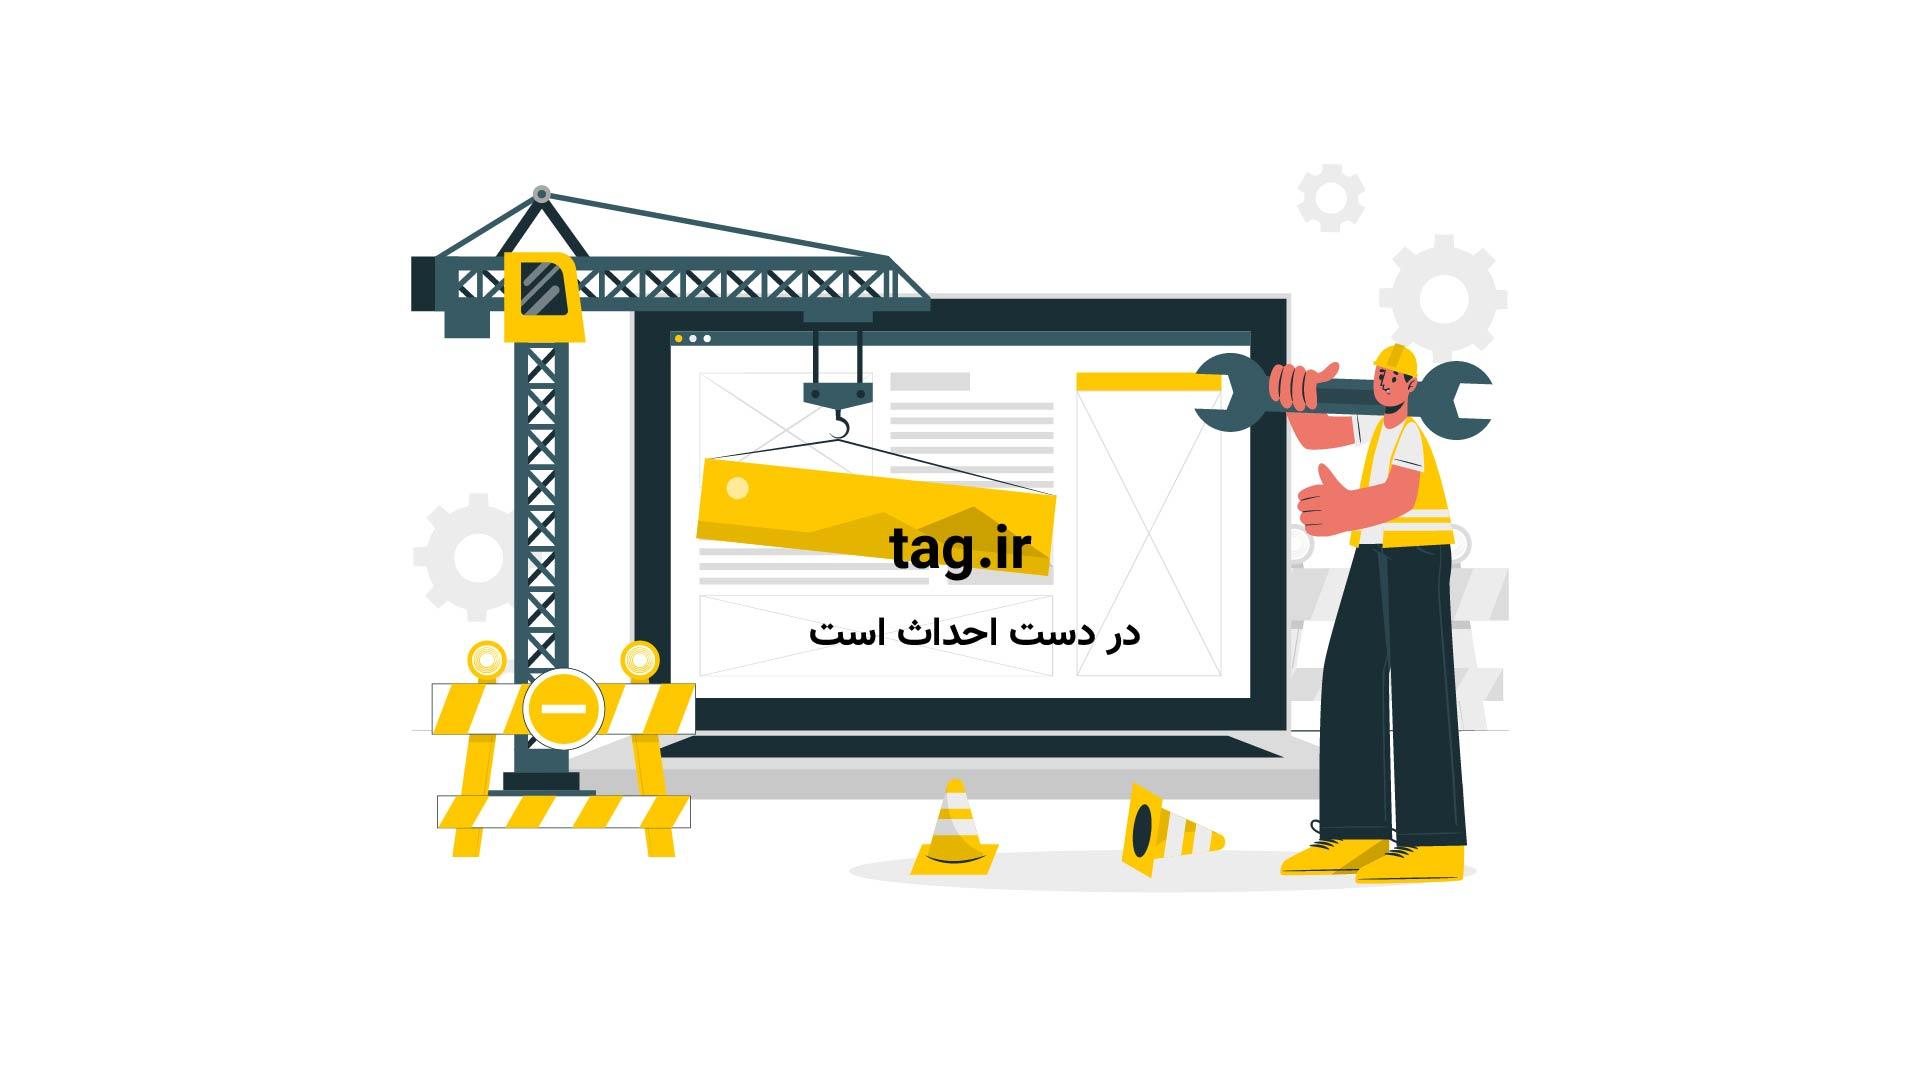 ترس تاریخی انسان از هیولاها | فیلم